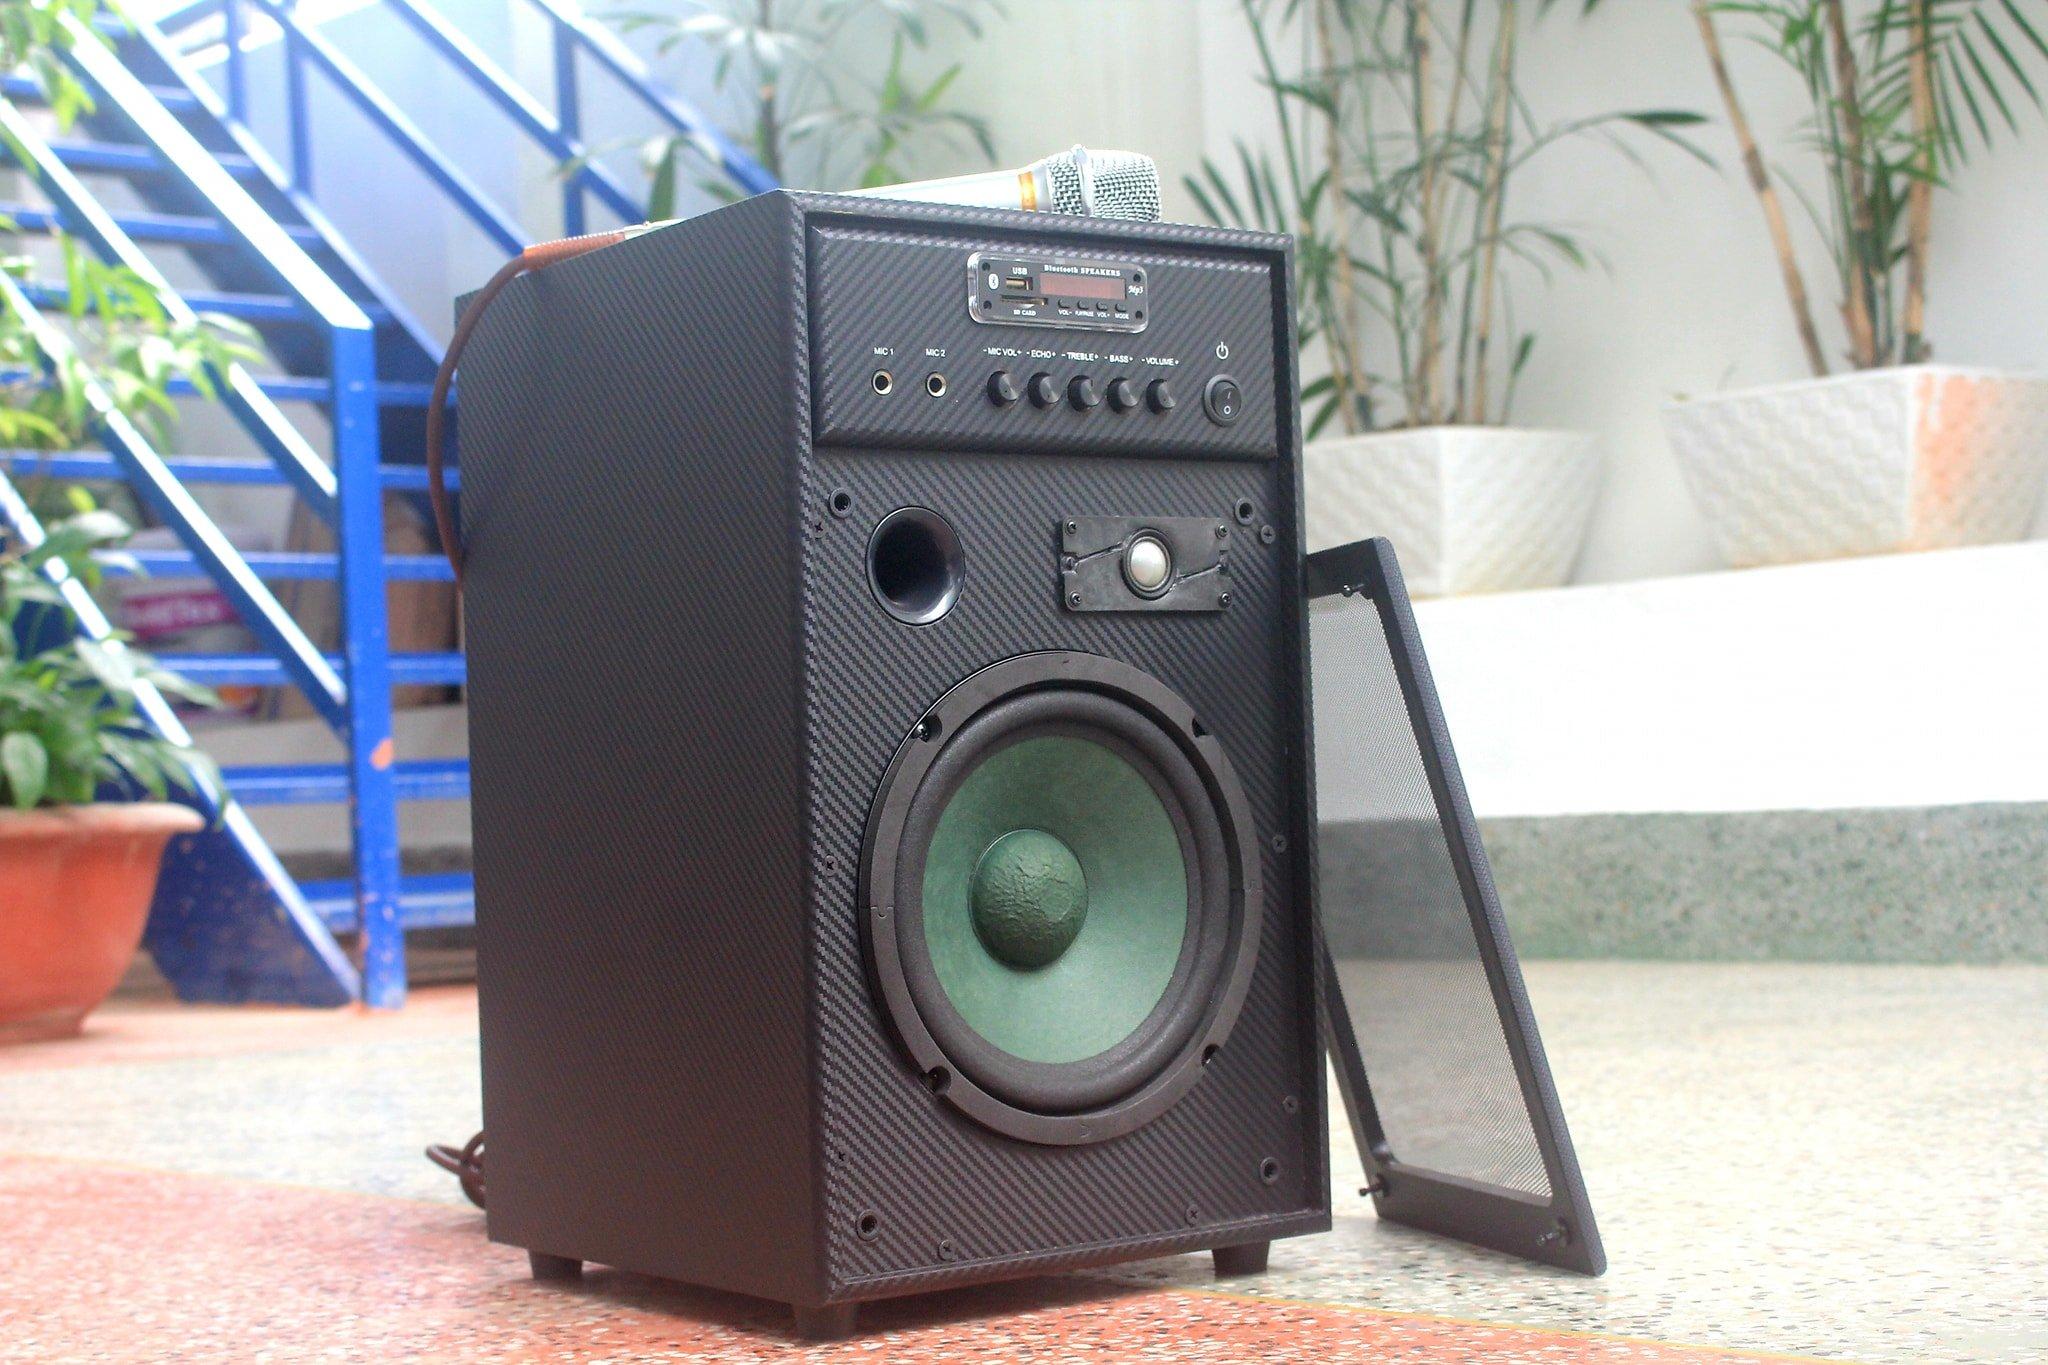 XẢ HÀNG TRƯNG BÀY 6 mẫu loa Bluetooth nghe nhạc cực ngọt, CHỈ TỪ 399K